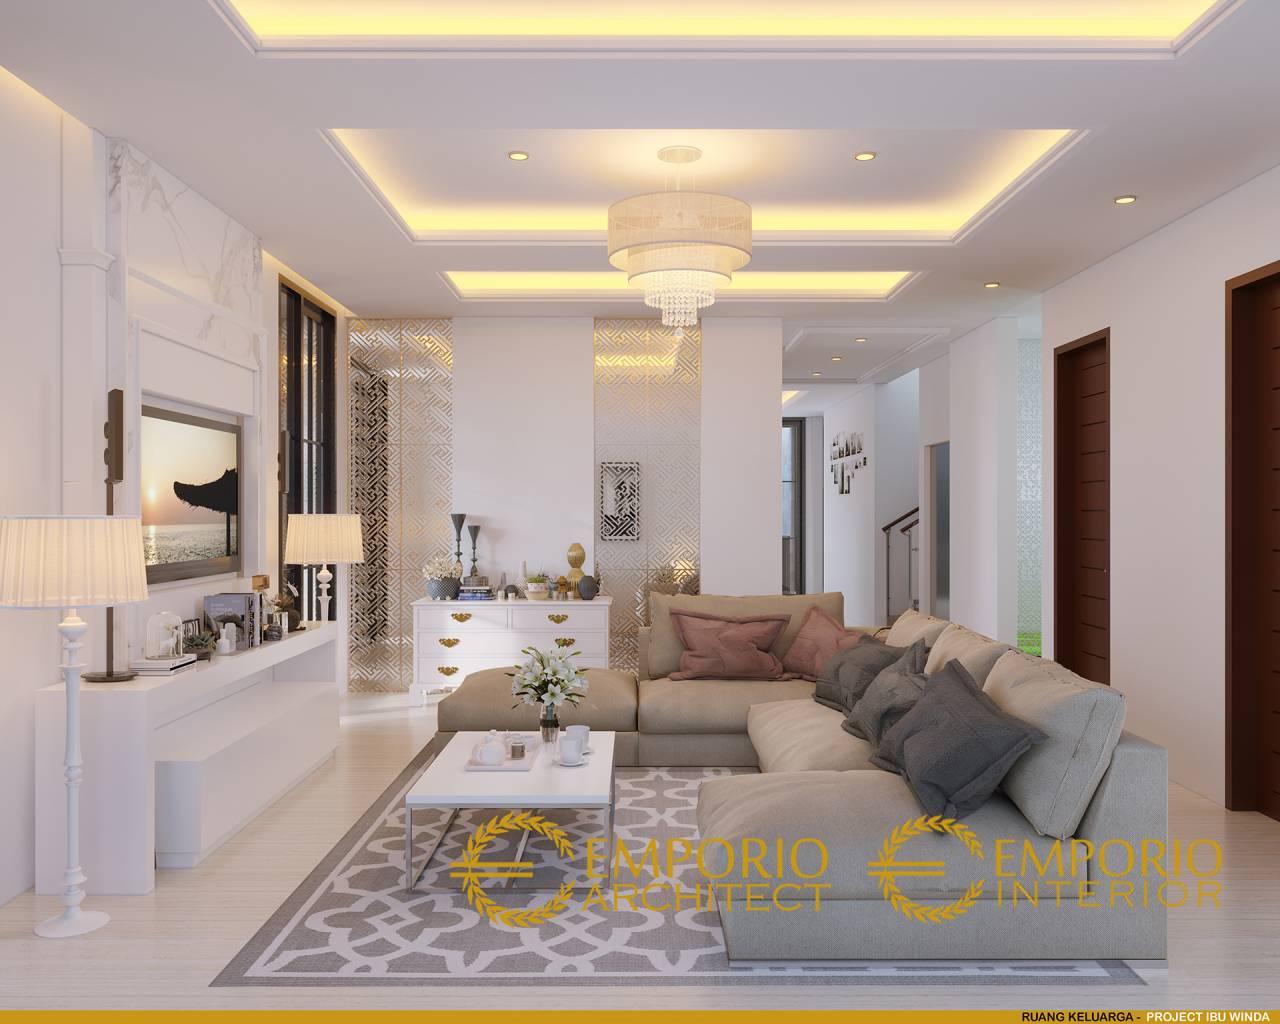 Desain Interior Rumah Modern Klasik 3 Lantai Ibu Winda Di Padang Sumatera Barat